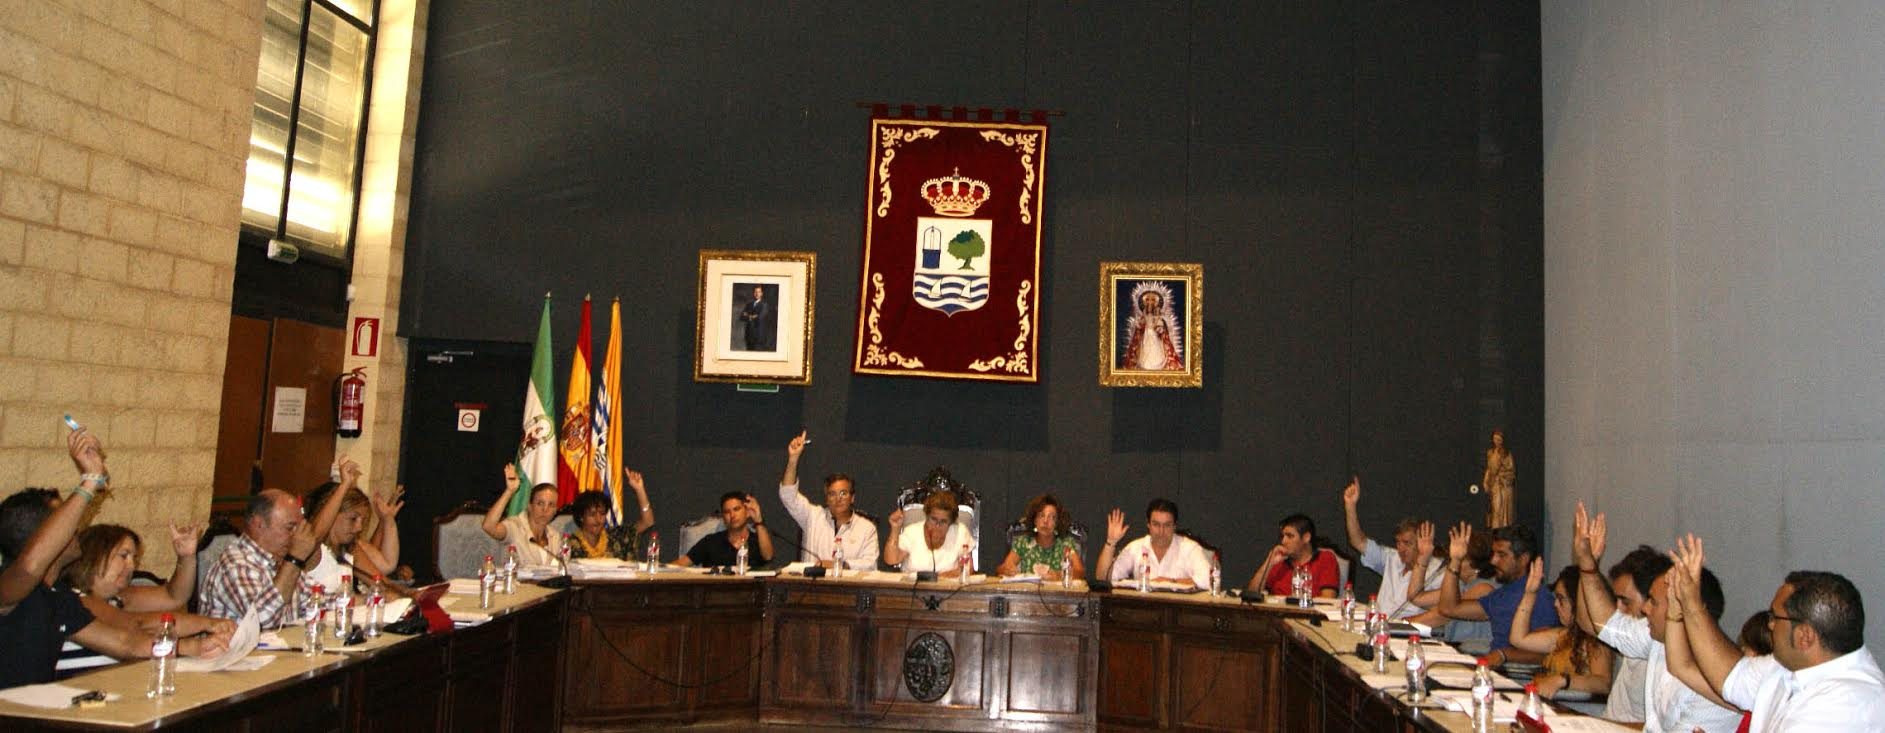 Pleno ordinario de julio Ayuntamiento Isla Cristina